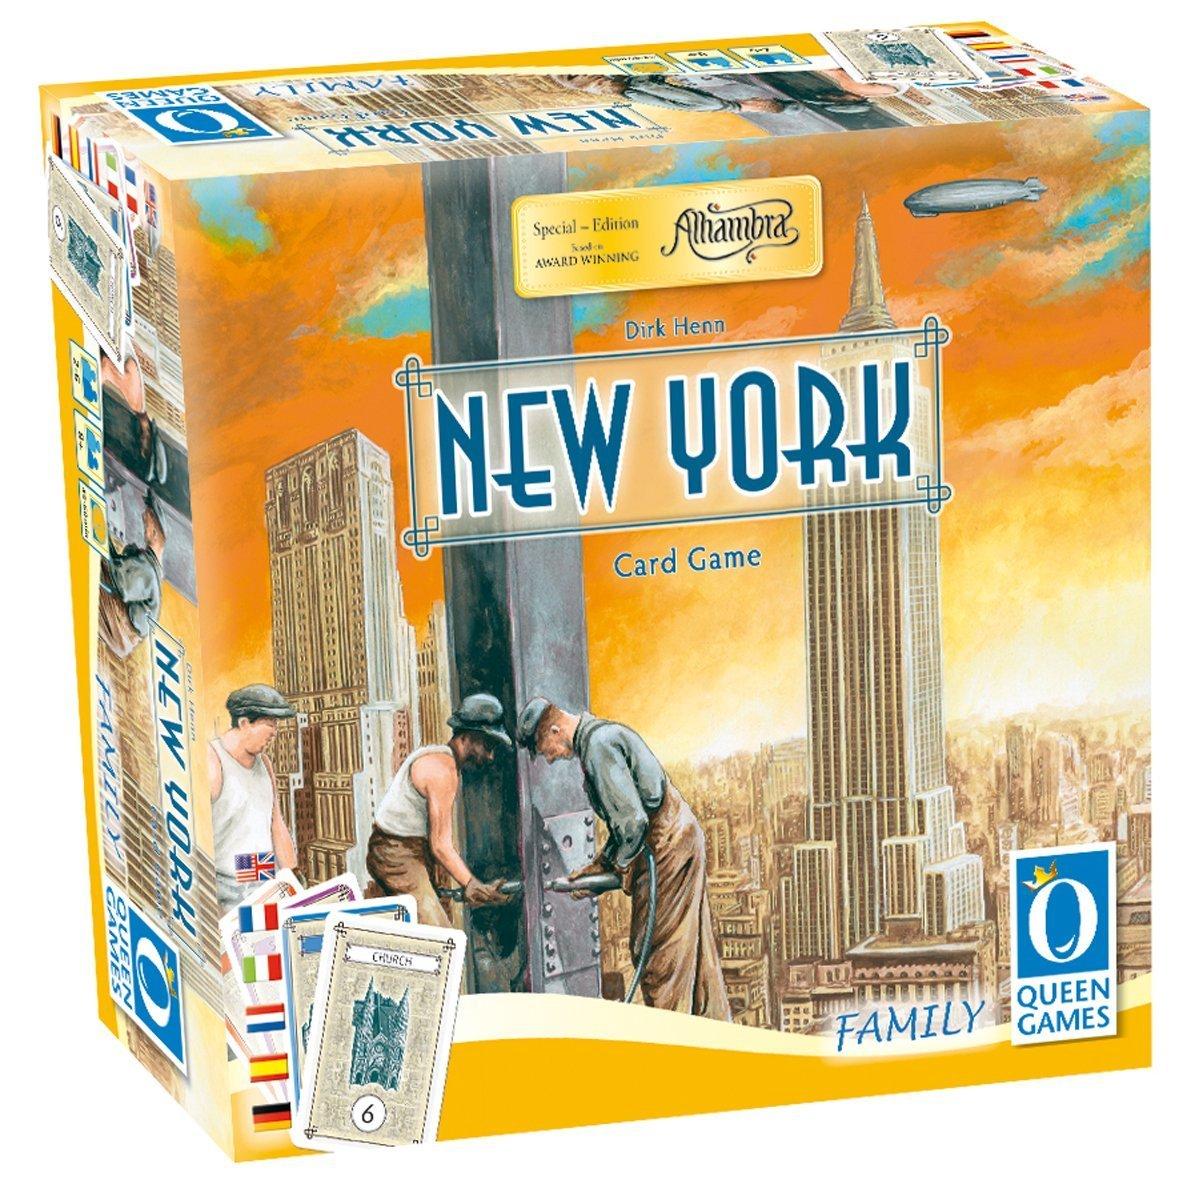 Queen Games - New York: The Card Game: Amazon.es: Juguetes y juegos